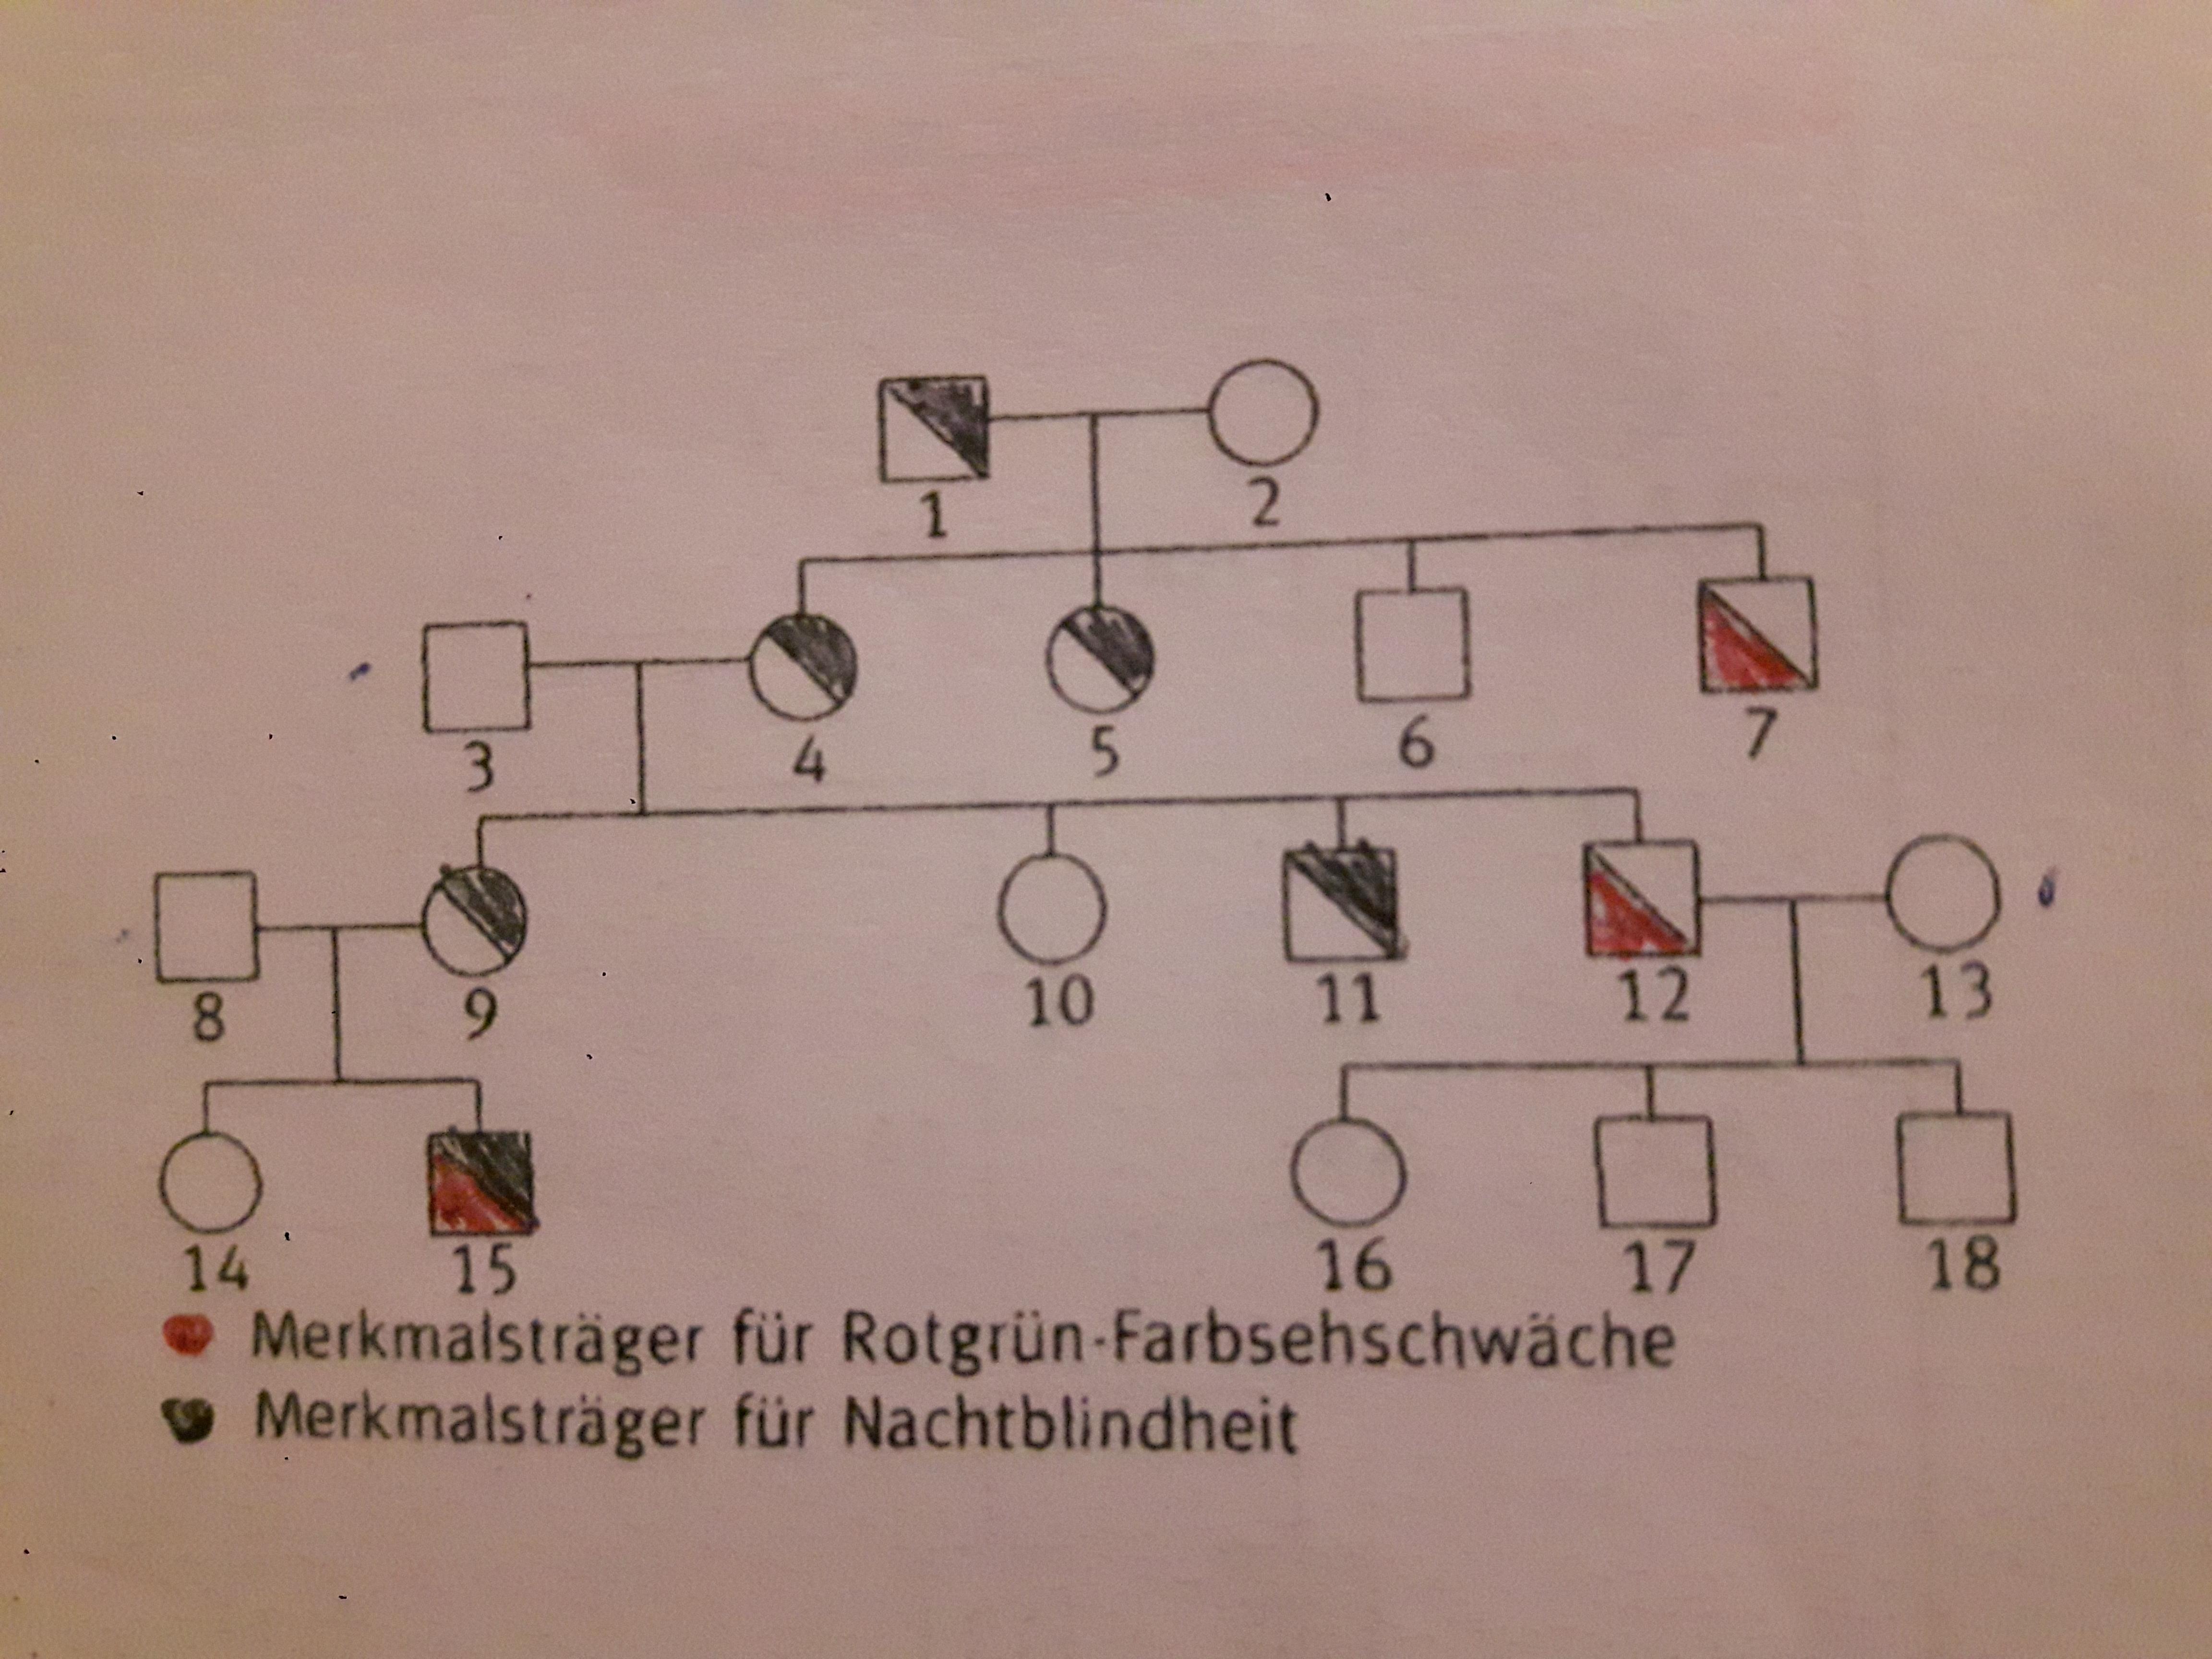 Rot Grün Schwäche Vererbung Jtleigh.com   Hausgestaltung .